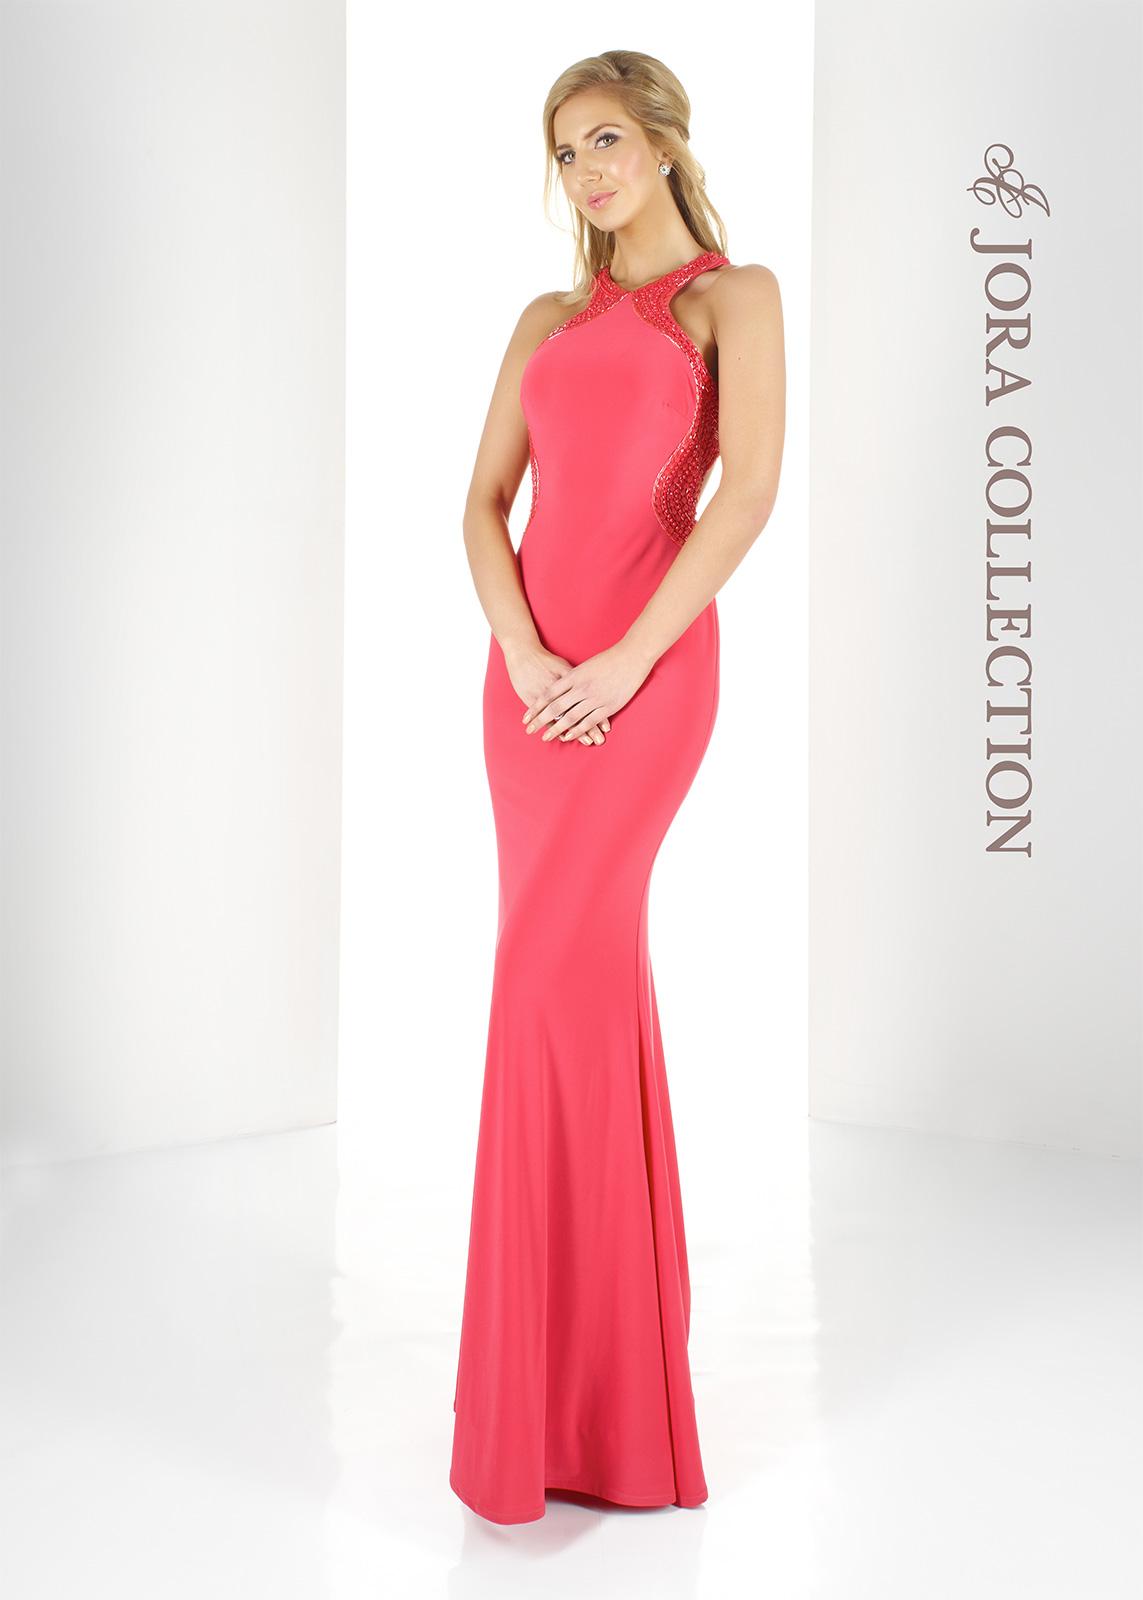 formal dress wear